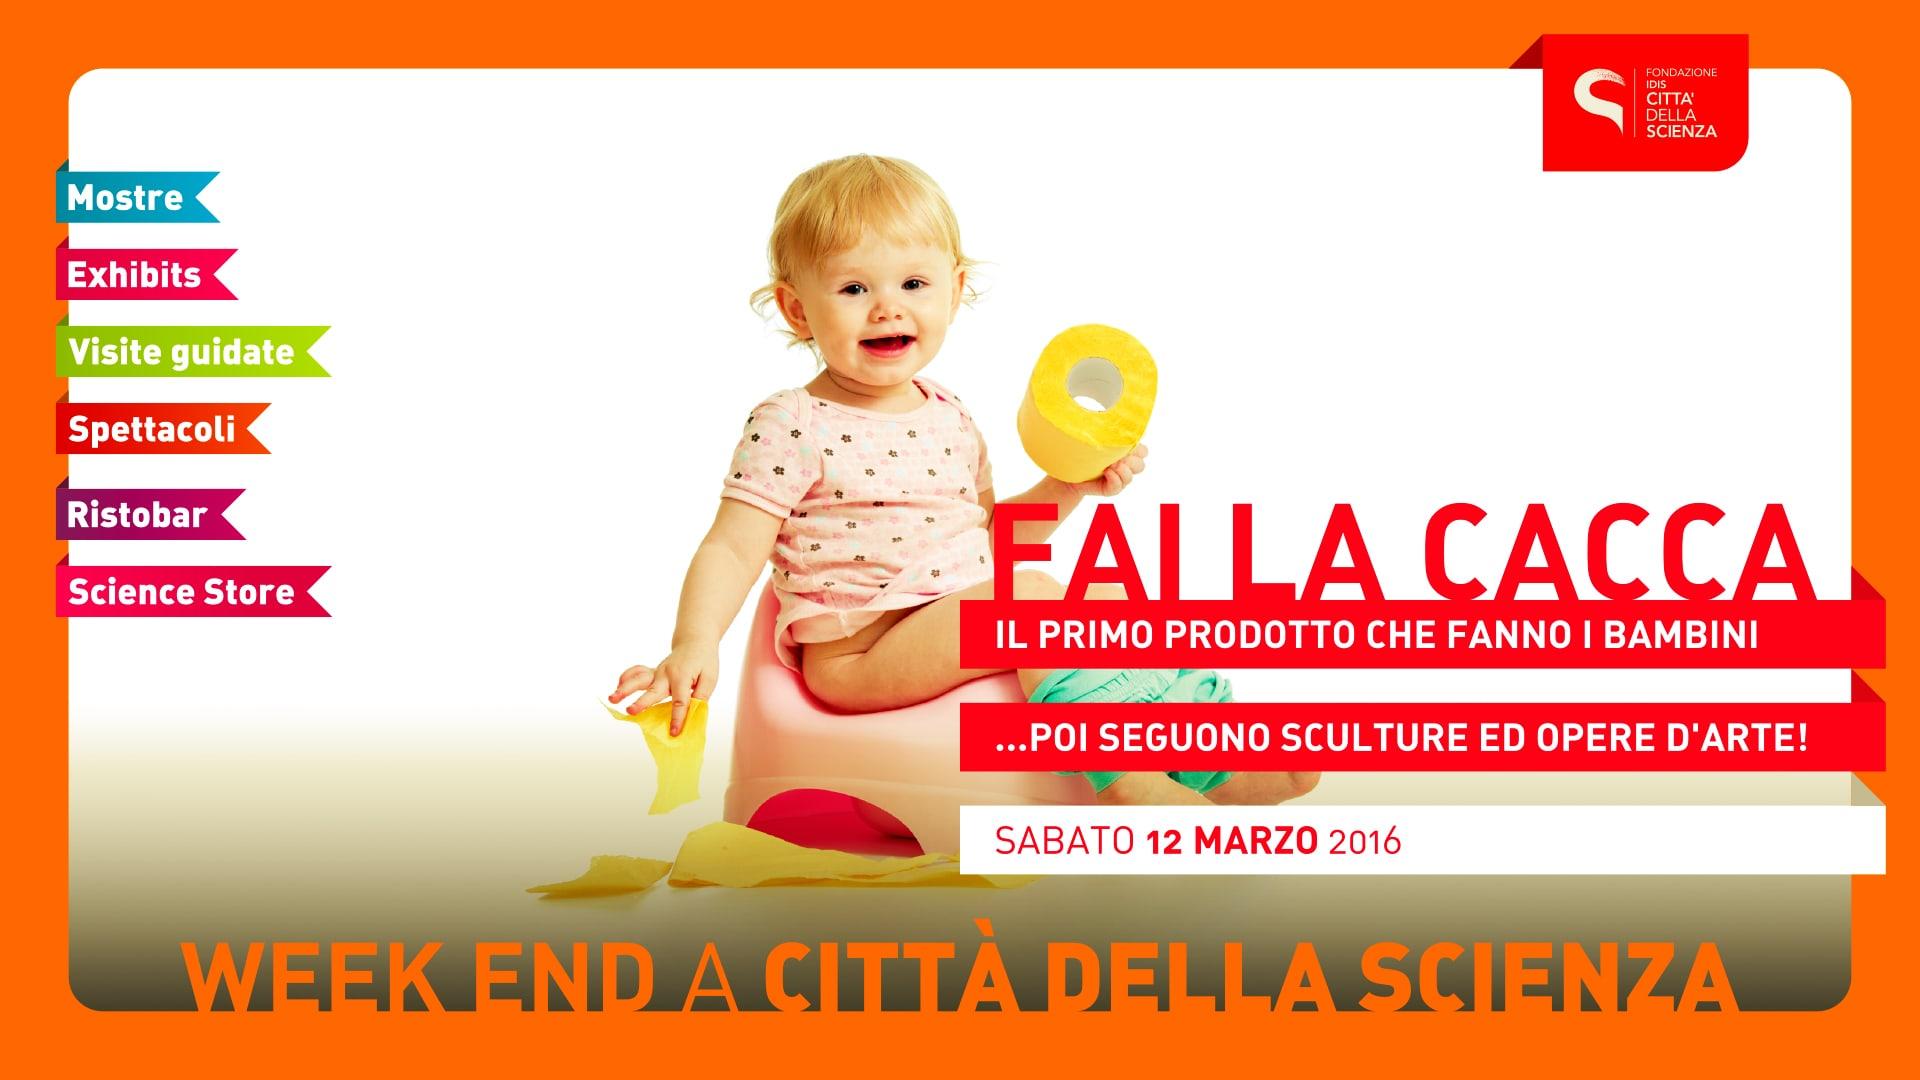 FAI_LA_CACCA_1920_x_1080-min